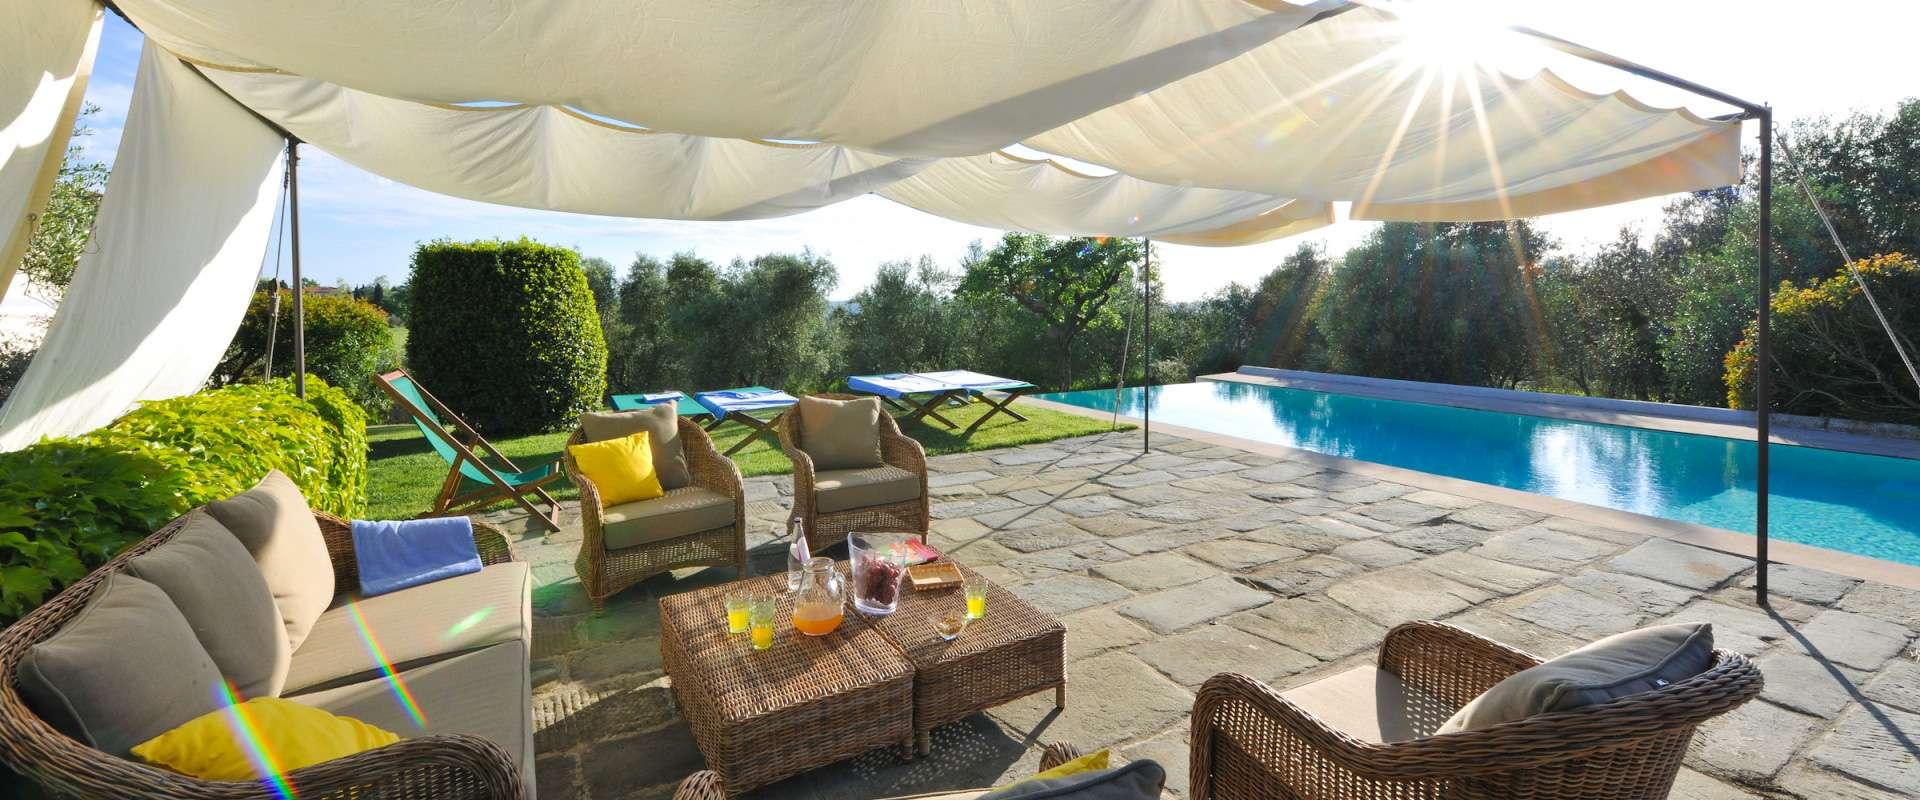 6 Child-friendly Family Villas in Chianti